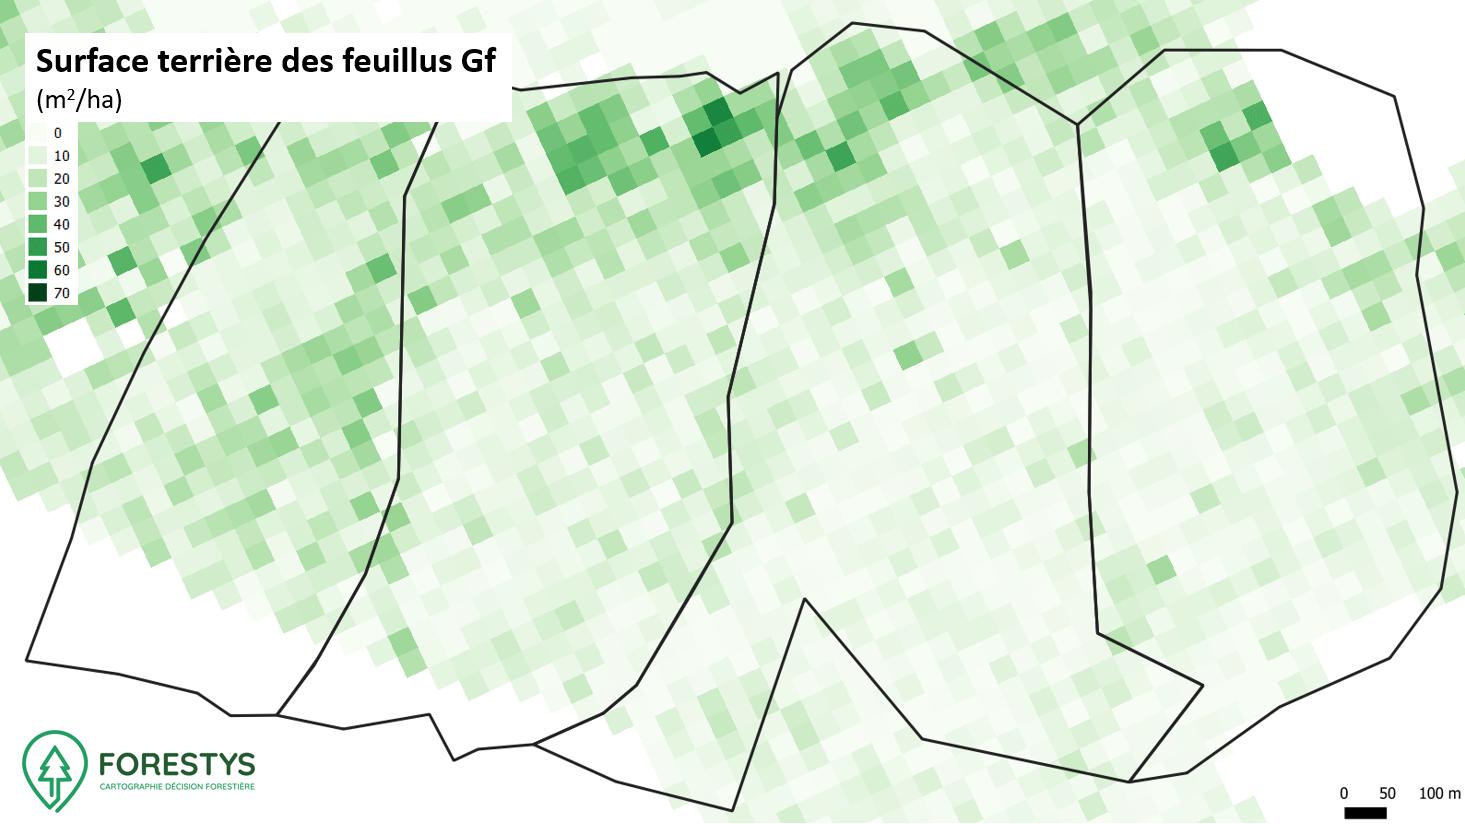 Carte de surface terrière des feuillus. Inventaire spatialisé lidar